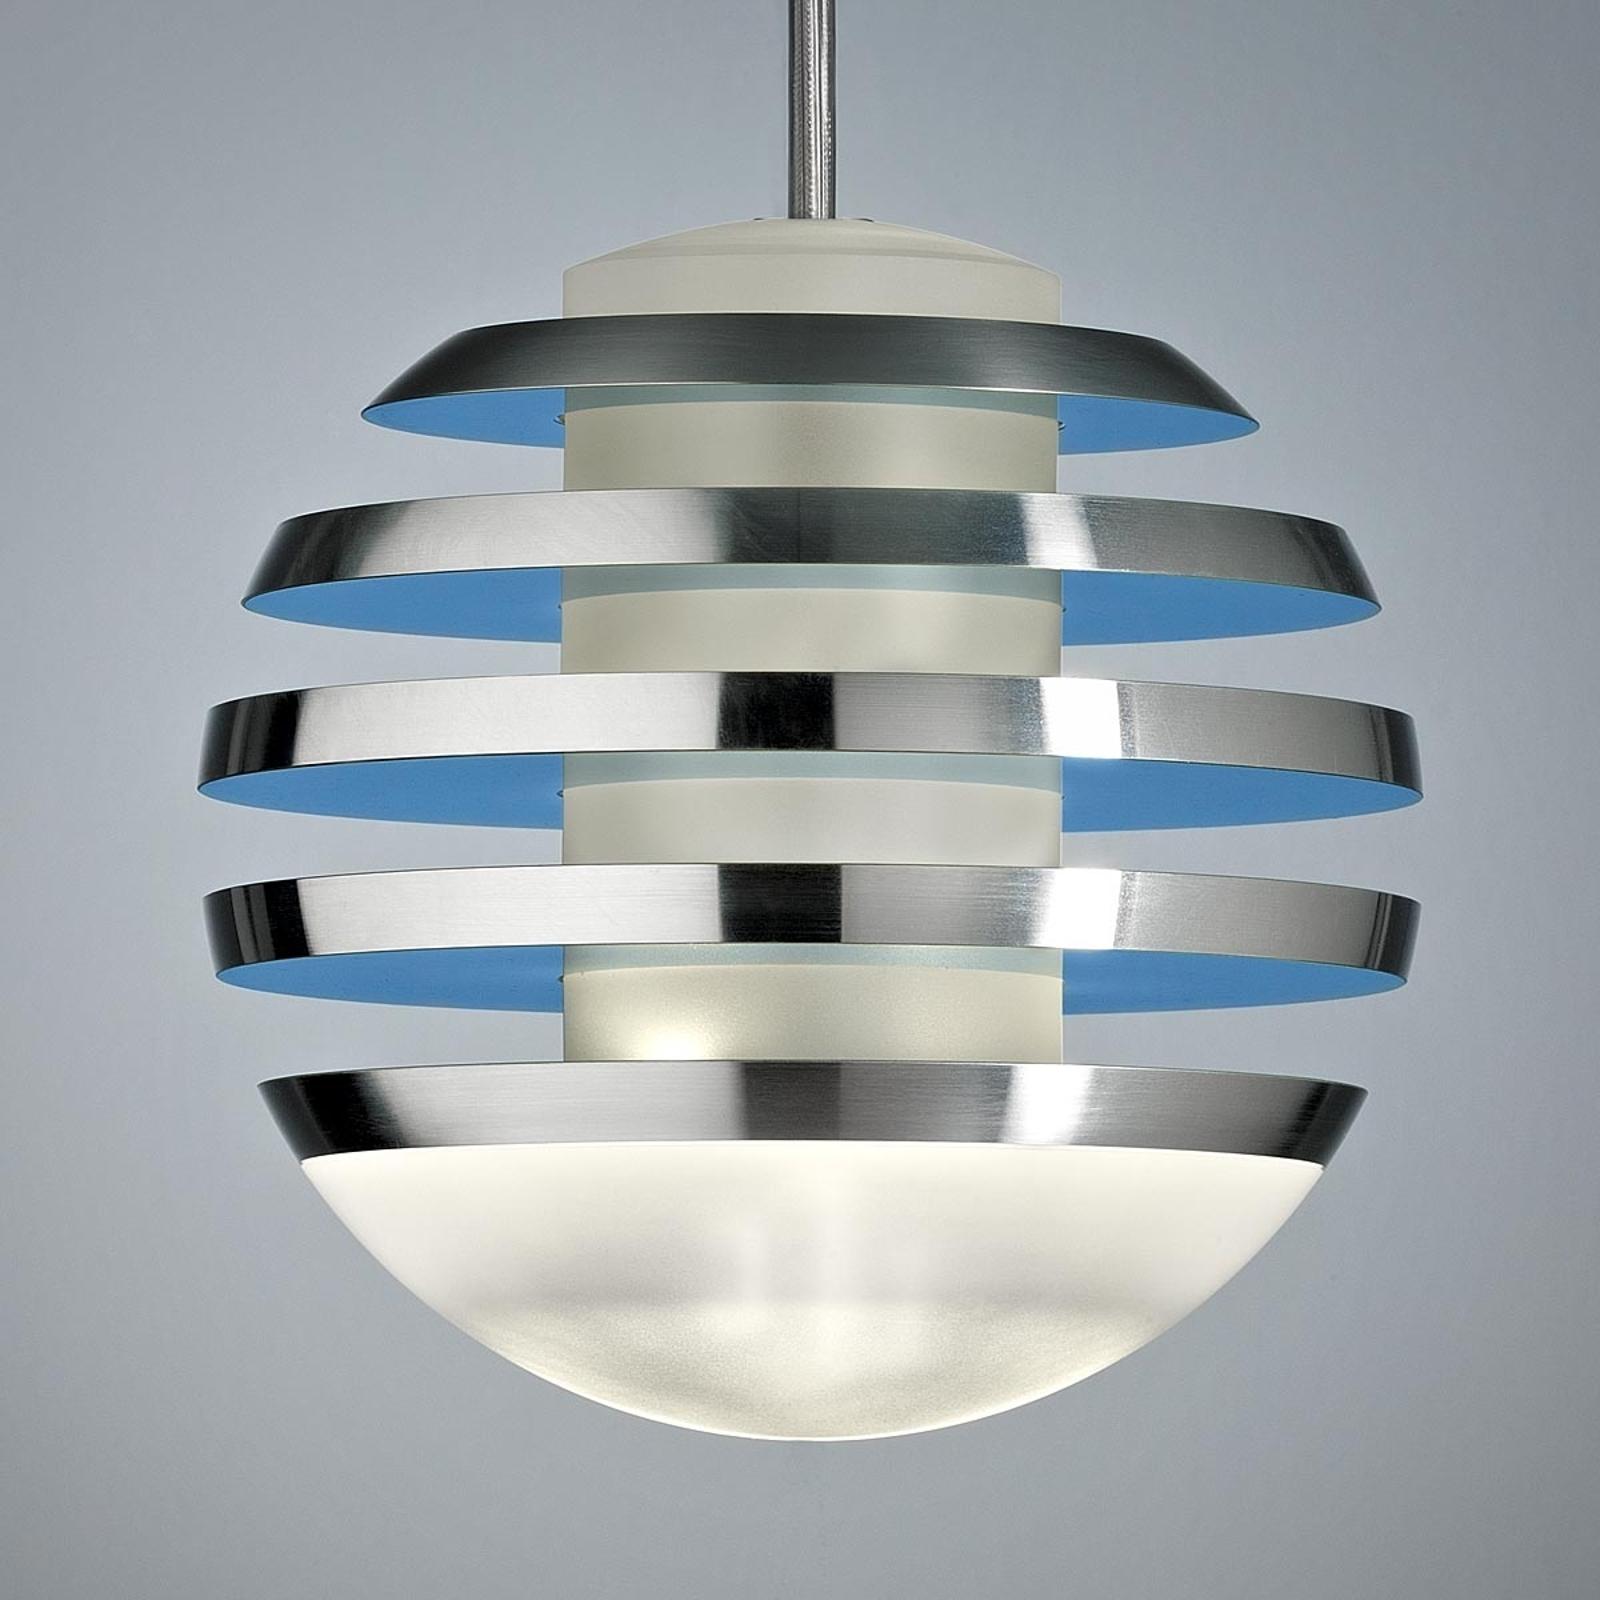 Lampa wisząca LED BULO błękitna